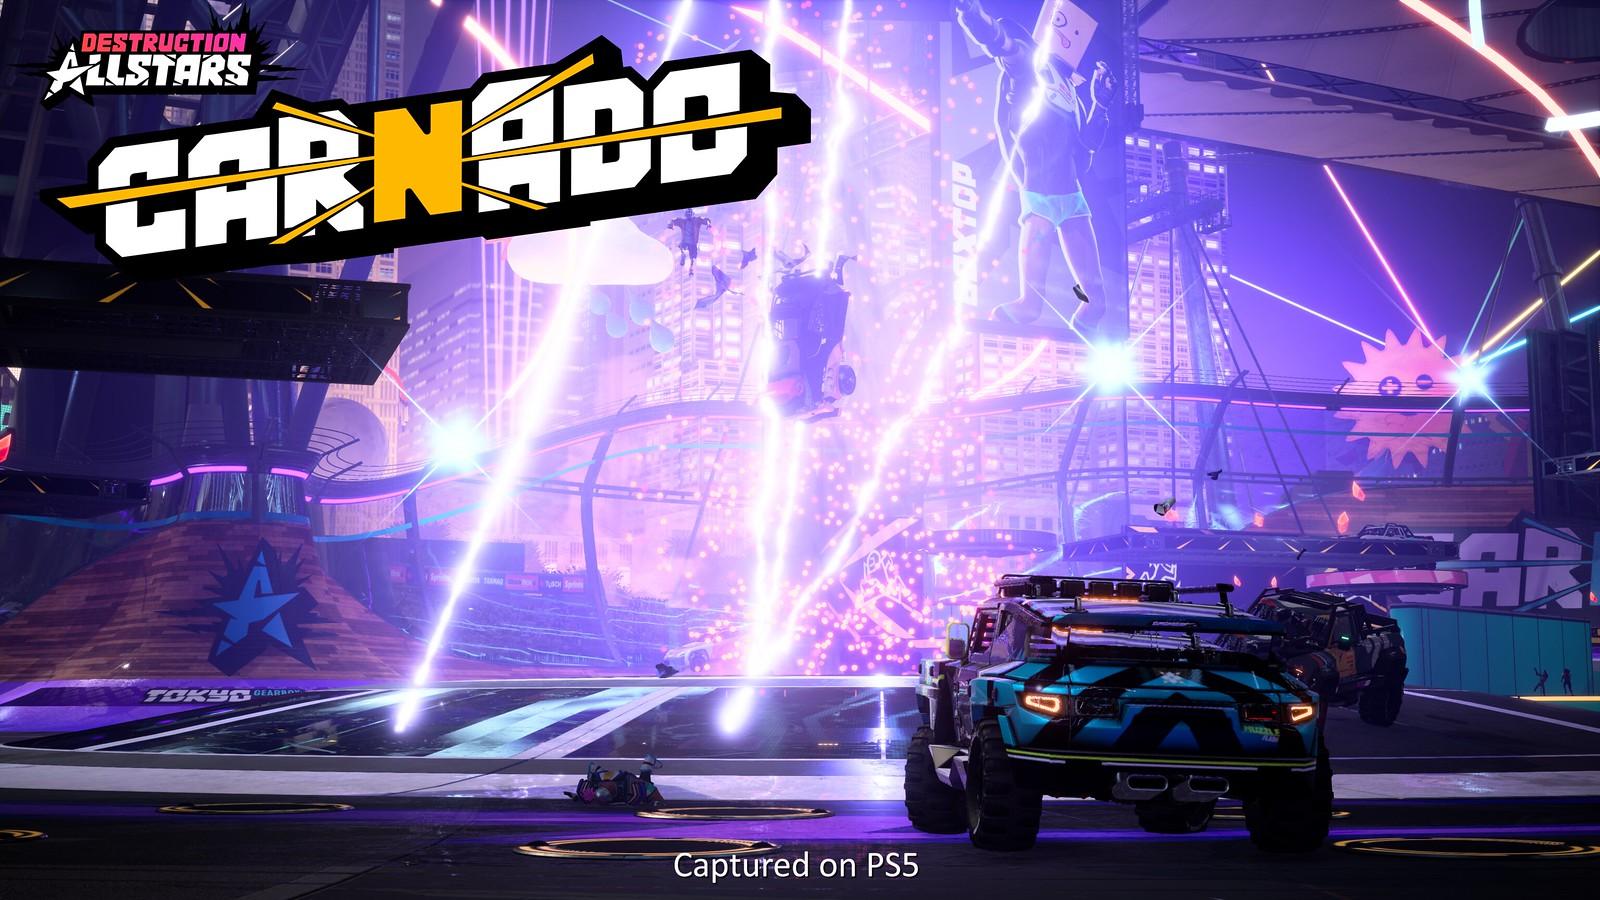 索尼发布《毁灭全明星》演示预告并介绍游戏模